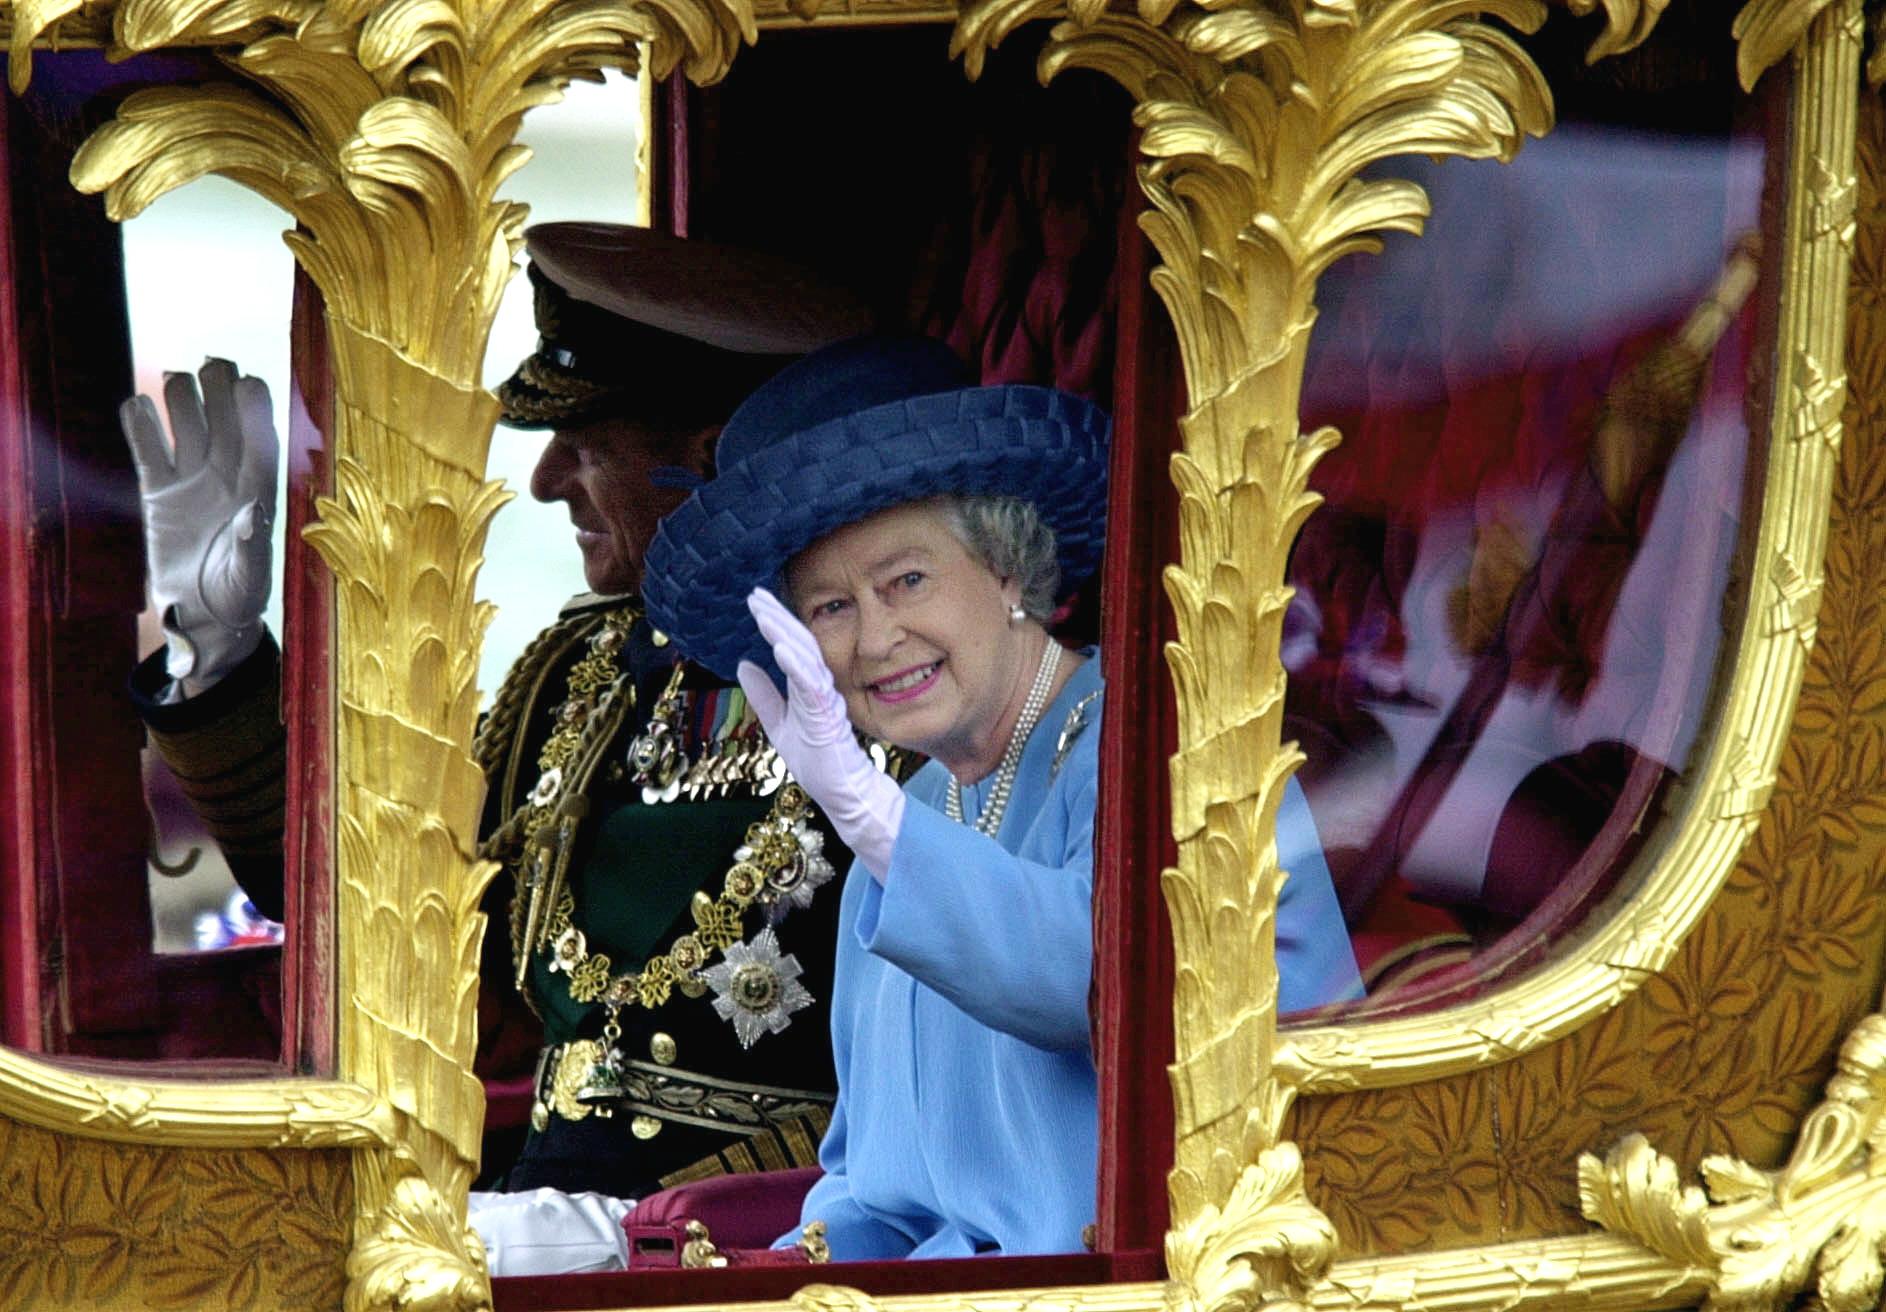 Queen Elizabeth Golden Jubilee Getty Images